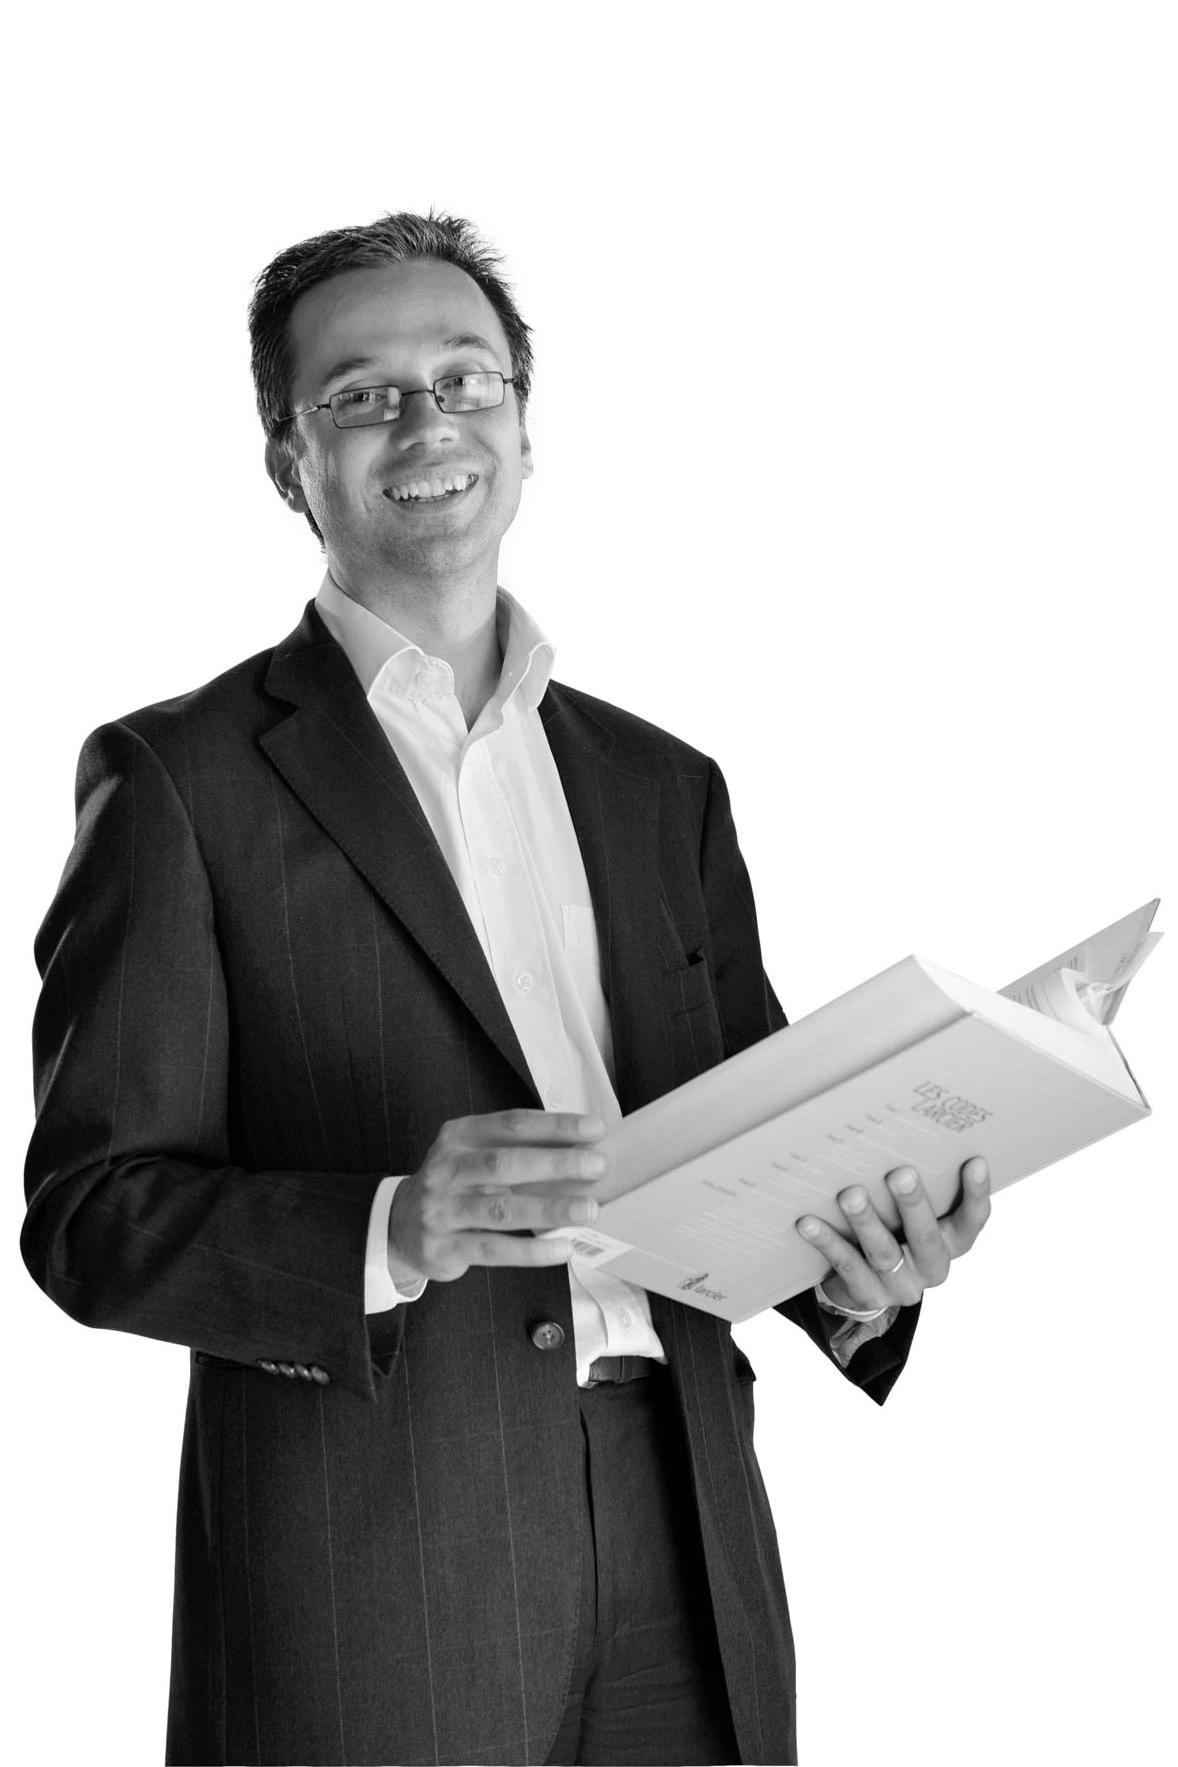 Joël van Ypersele    Stedenbouw- en milieurecht Recht van de overheidsopdrachten, onteigening     T  +32 (0)2 511 64 25  F :  +32 (0)2 514 22 31   E :   j.vanypersele@wery.legal